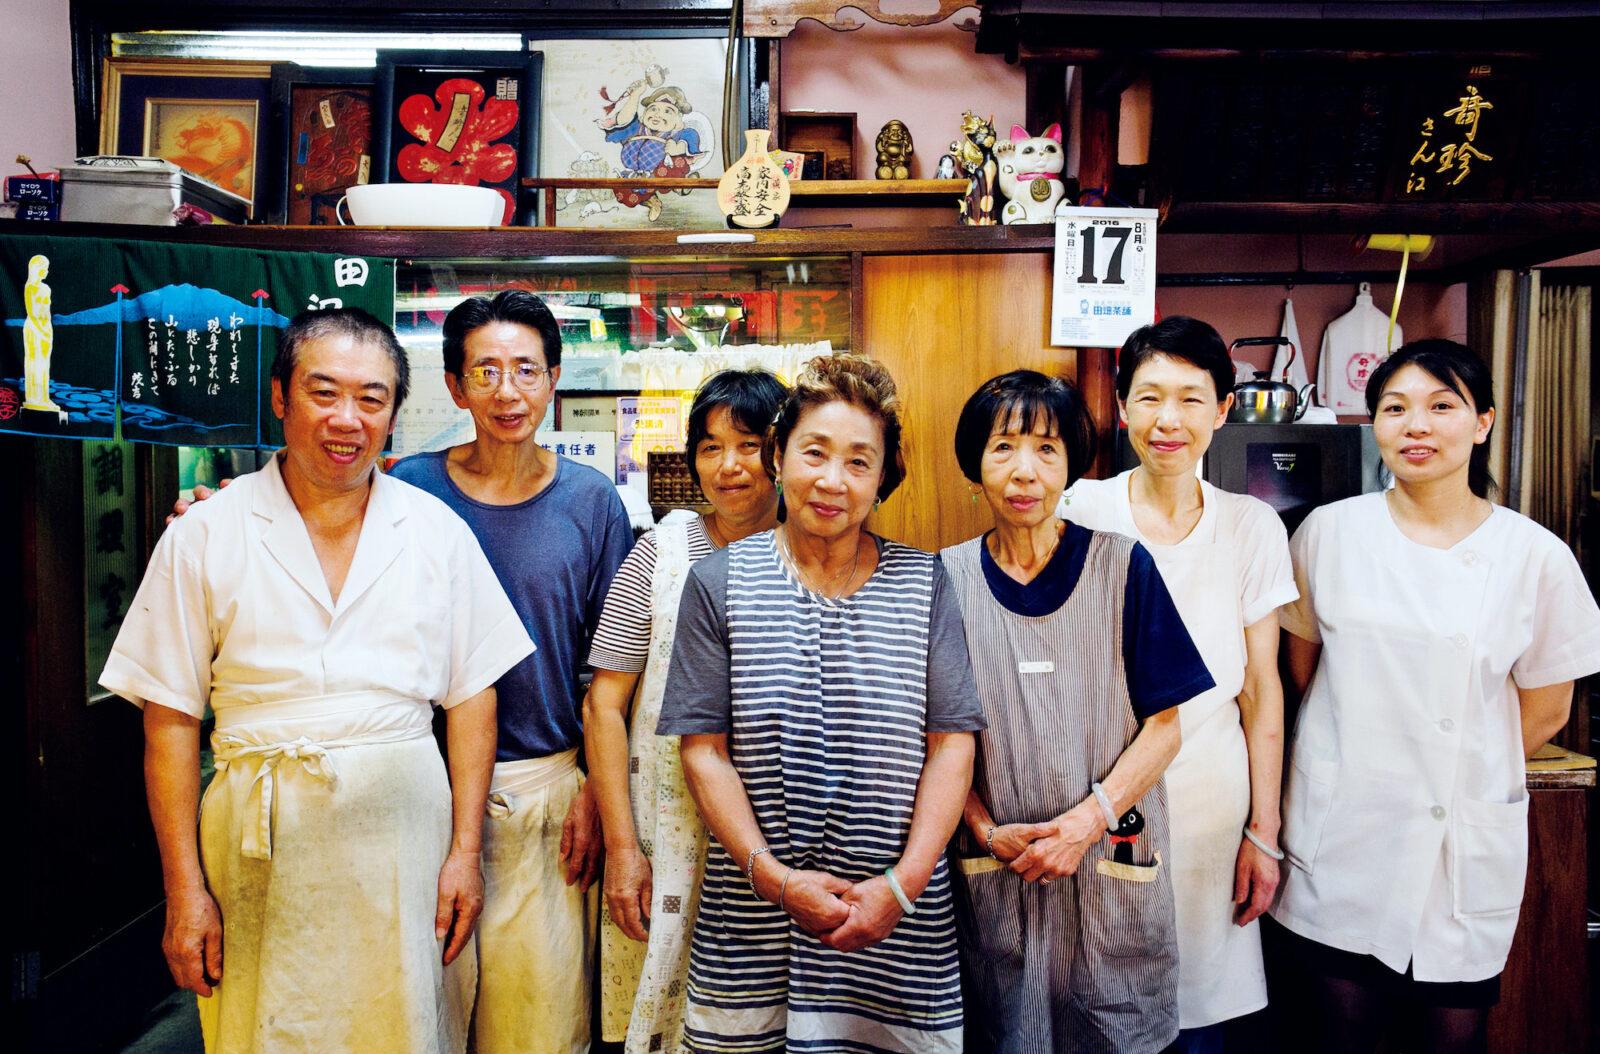 左から2番目が料理長・黄国栄さん。中央に立つ黄秀晃さんは厨房を、右隣の黄秀輿さんがフロアを仕切る。料理長の妻やスタッフたちも集合。